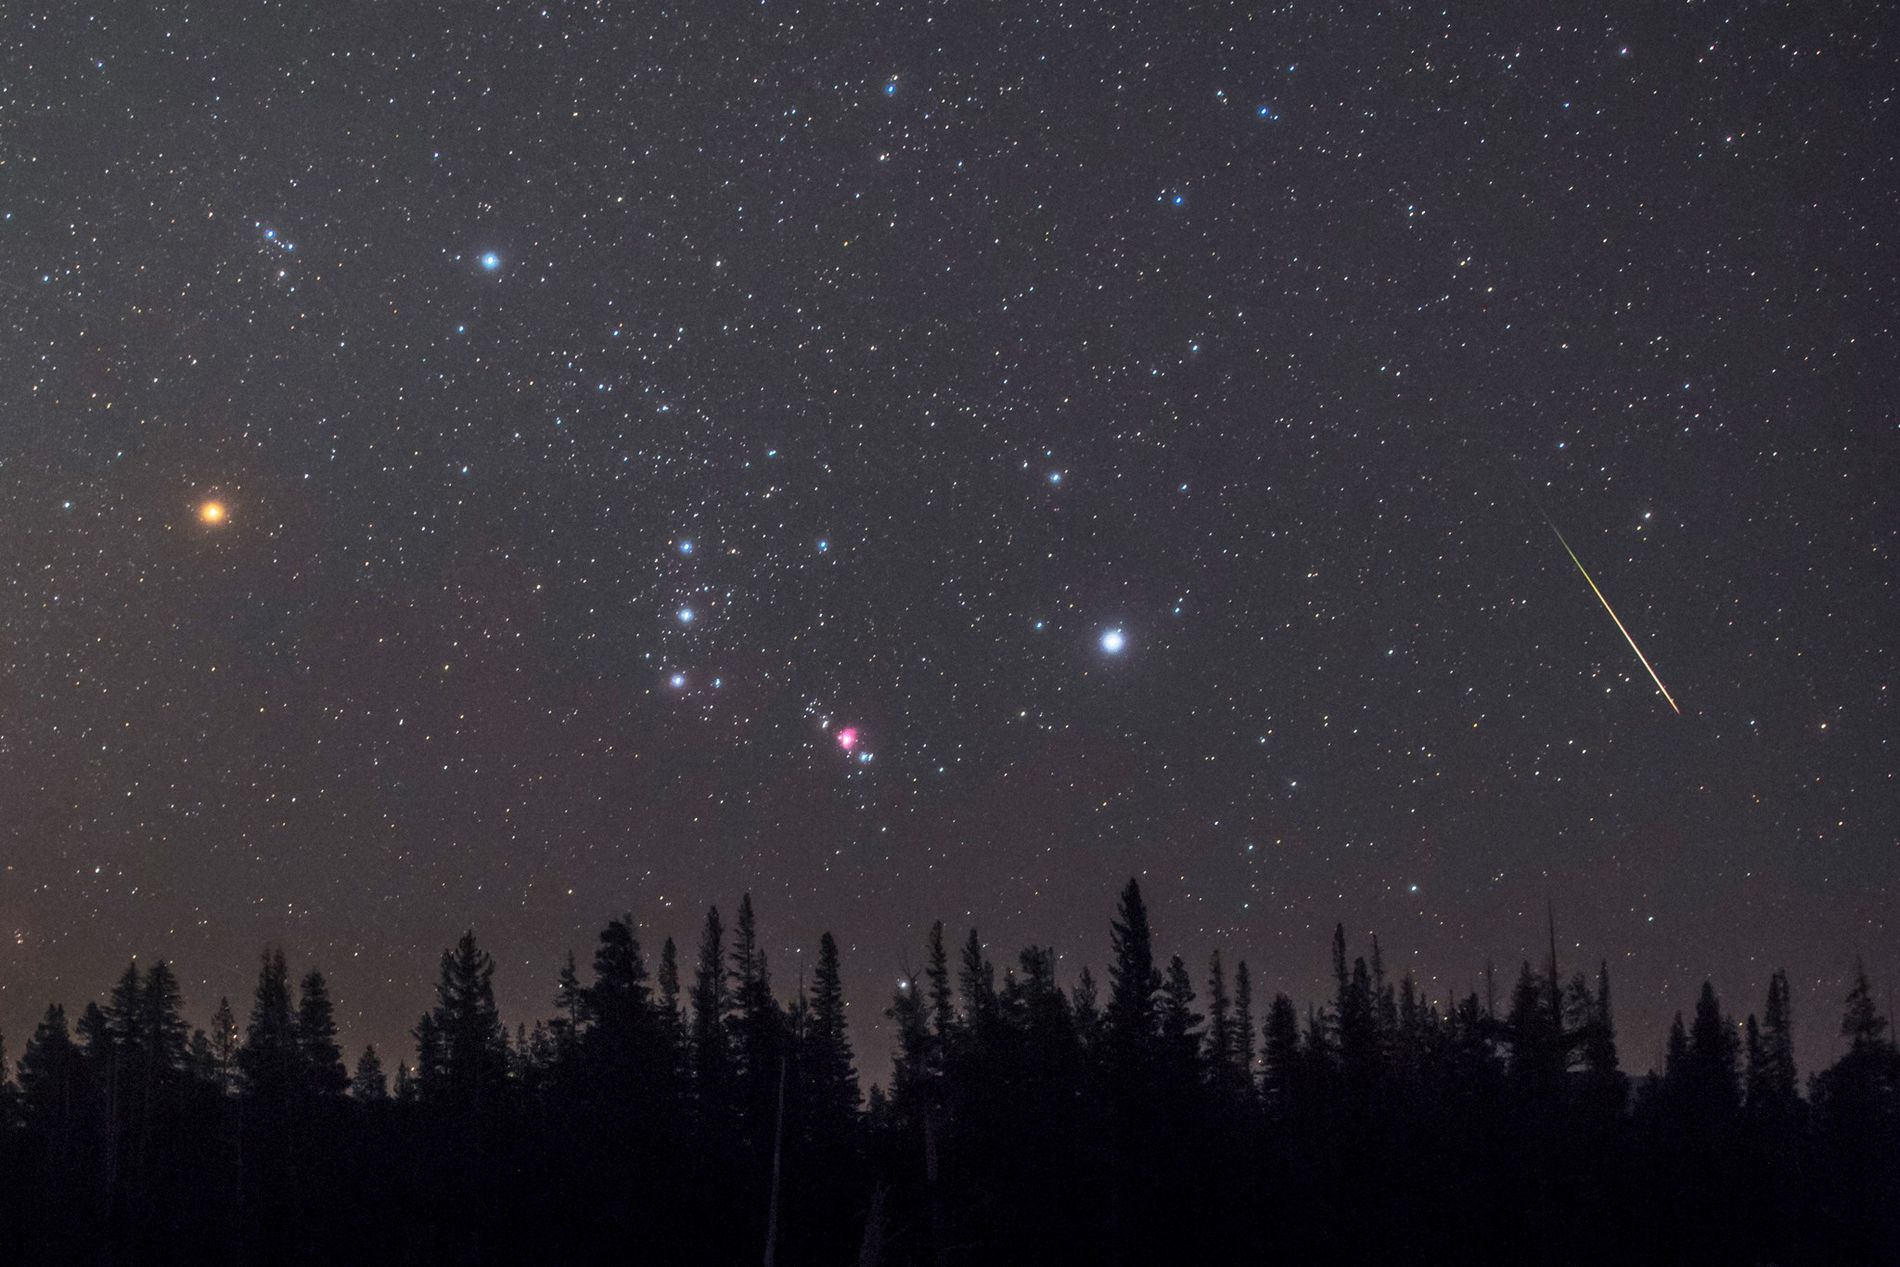 Um meteoro passa no horizonte pela constelação de Órion, conhecida como o caçador. Betelgeuse, a estrela ...